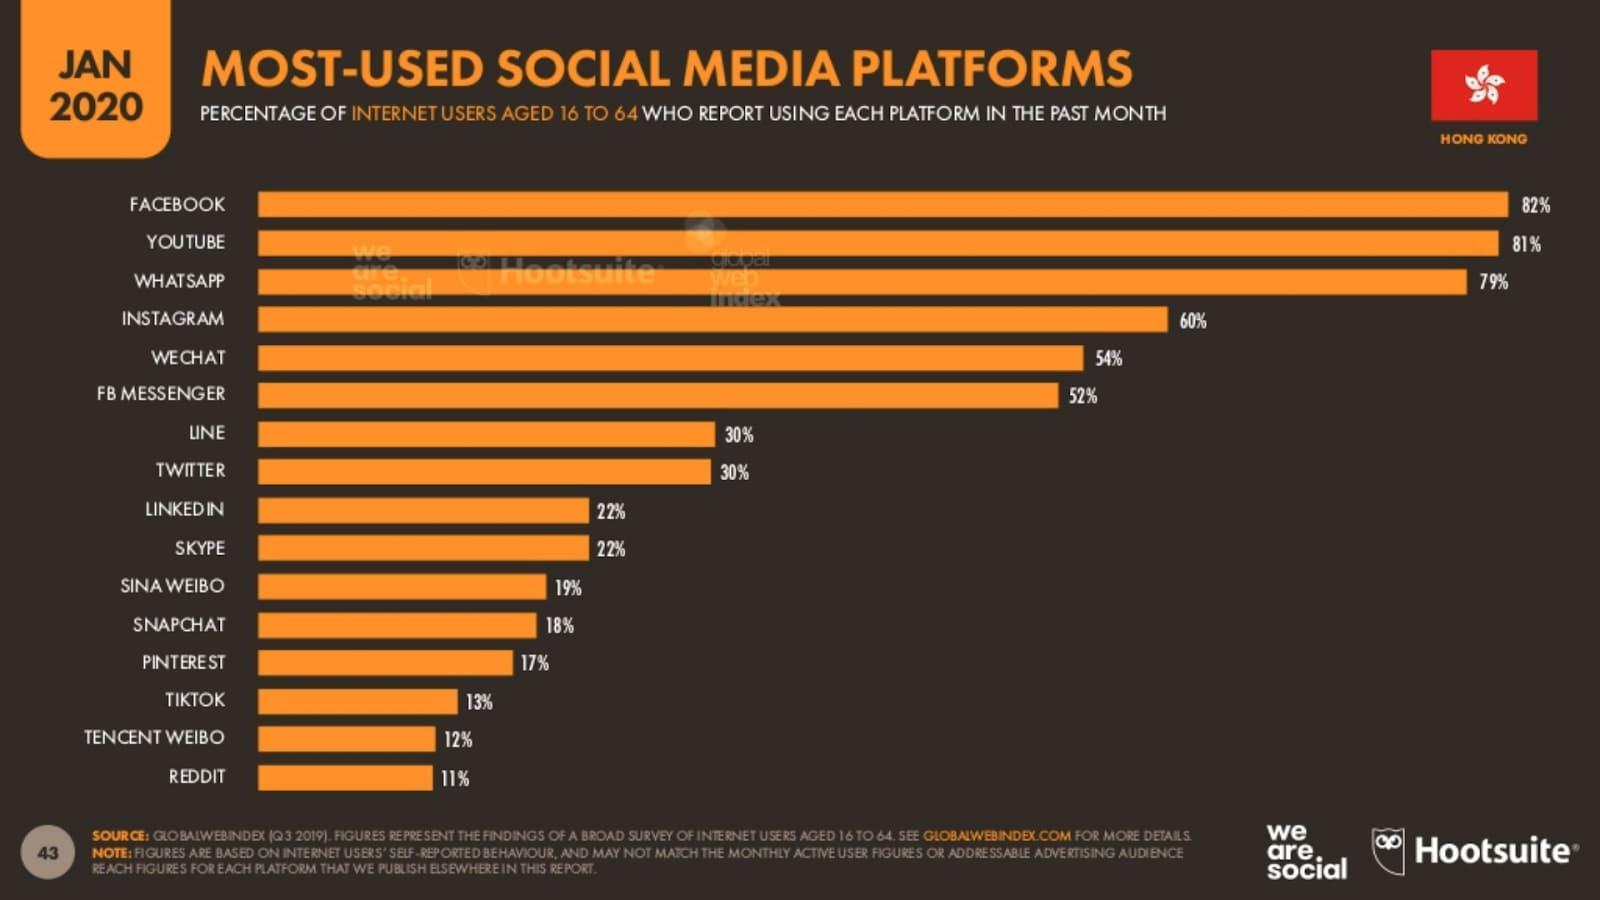 Most used social media platforms in Hong Kong